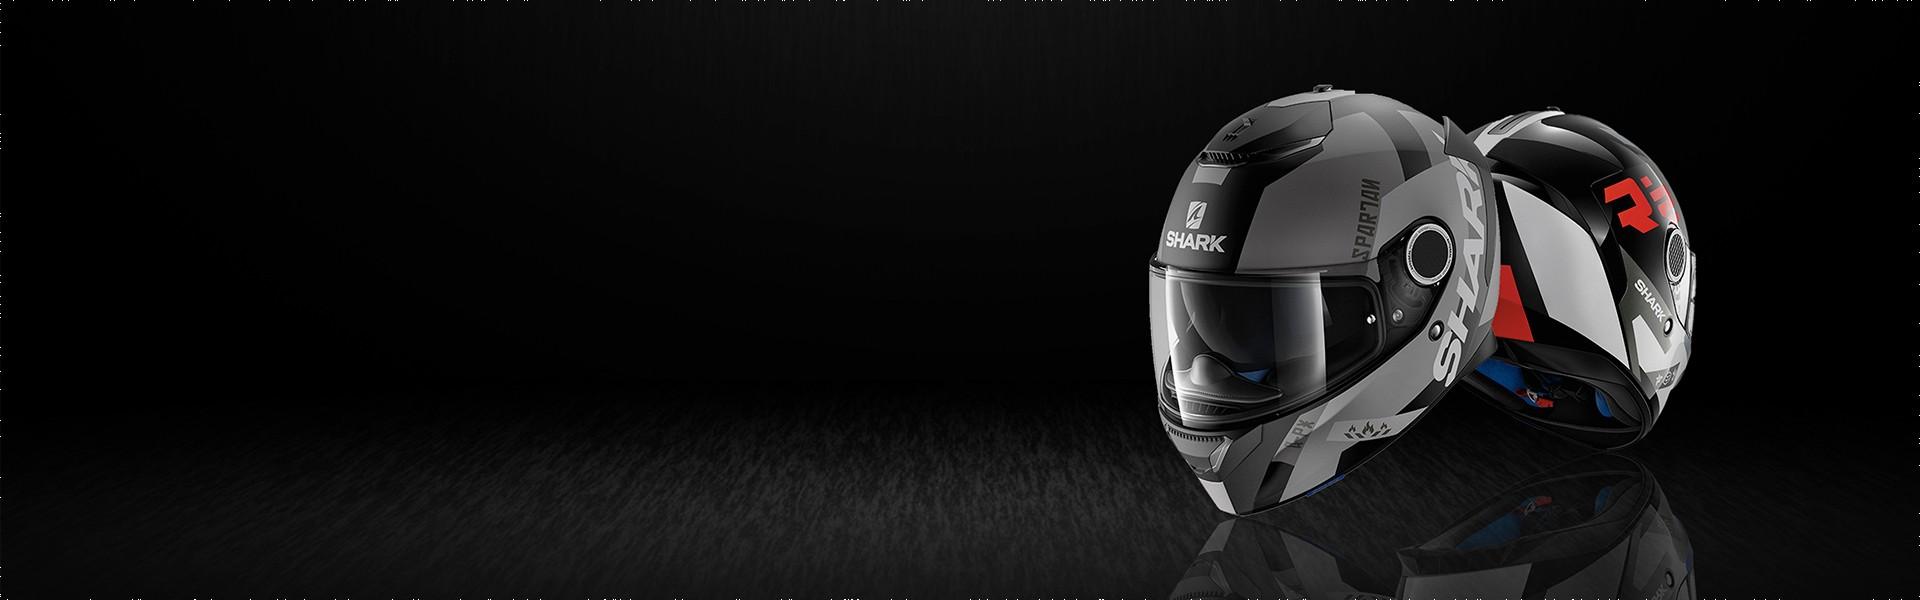 best helmet